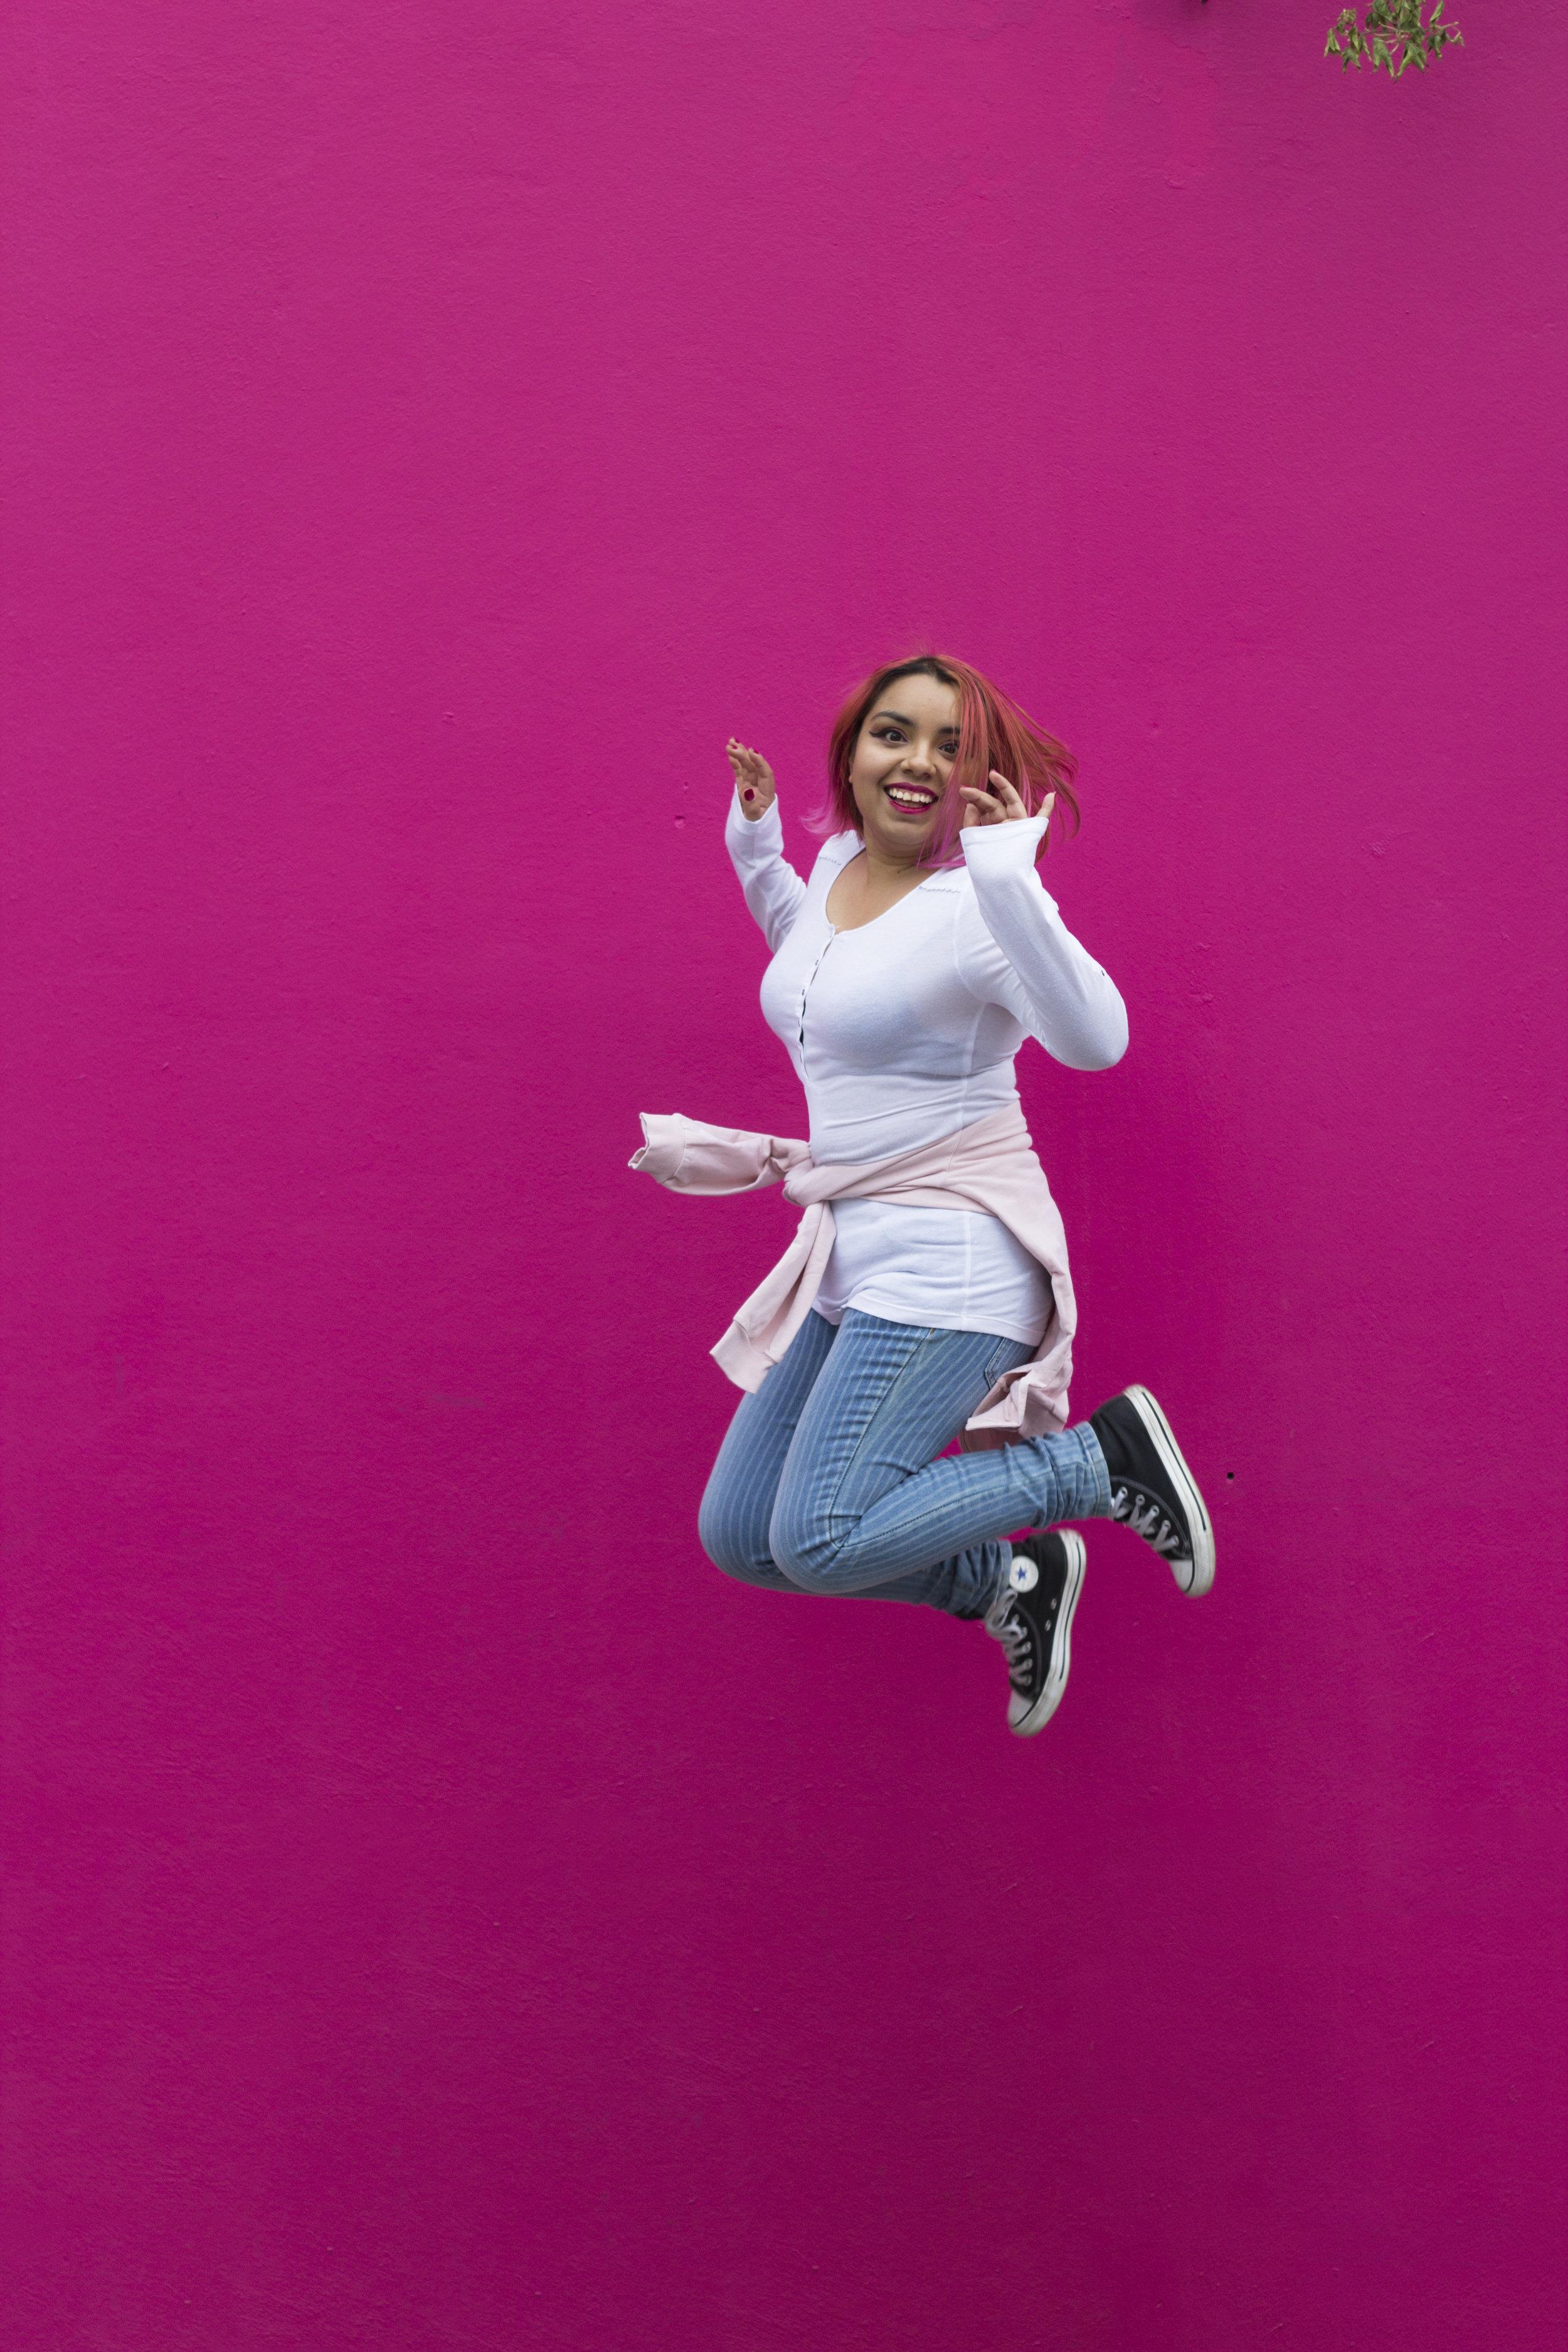 Tu Guía: Gaby Figueroa - Luego de años de no comprender de dónde venían miedos irracionales e ideas limitantes, me di cuenta que estaba cargando con un mantra familiar y transgeneracional.Entendí que para ser yo misma y elegir mi propia vida, tenía que conocer y sanar las heridas de quienes me precedieron.Mi mejor herramienta es la escritura autoterapeutica, la que llevo usando 4 años.Soy Lic. en comunicología y asesora filosófica y voy a guiarte en este viaje hacia las raíces para desactivar las cargas que no te dejan ser tú.